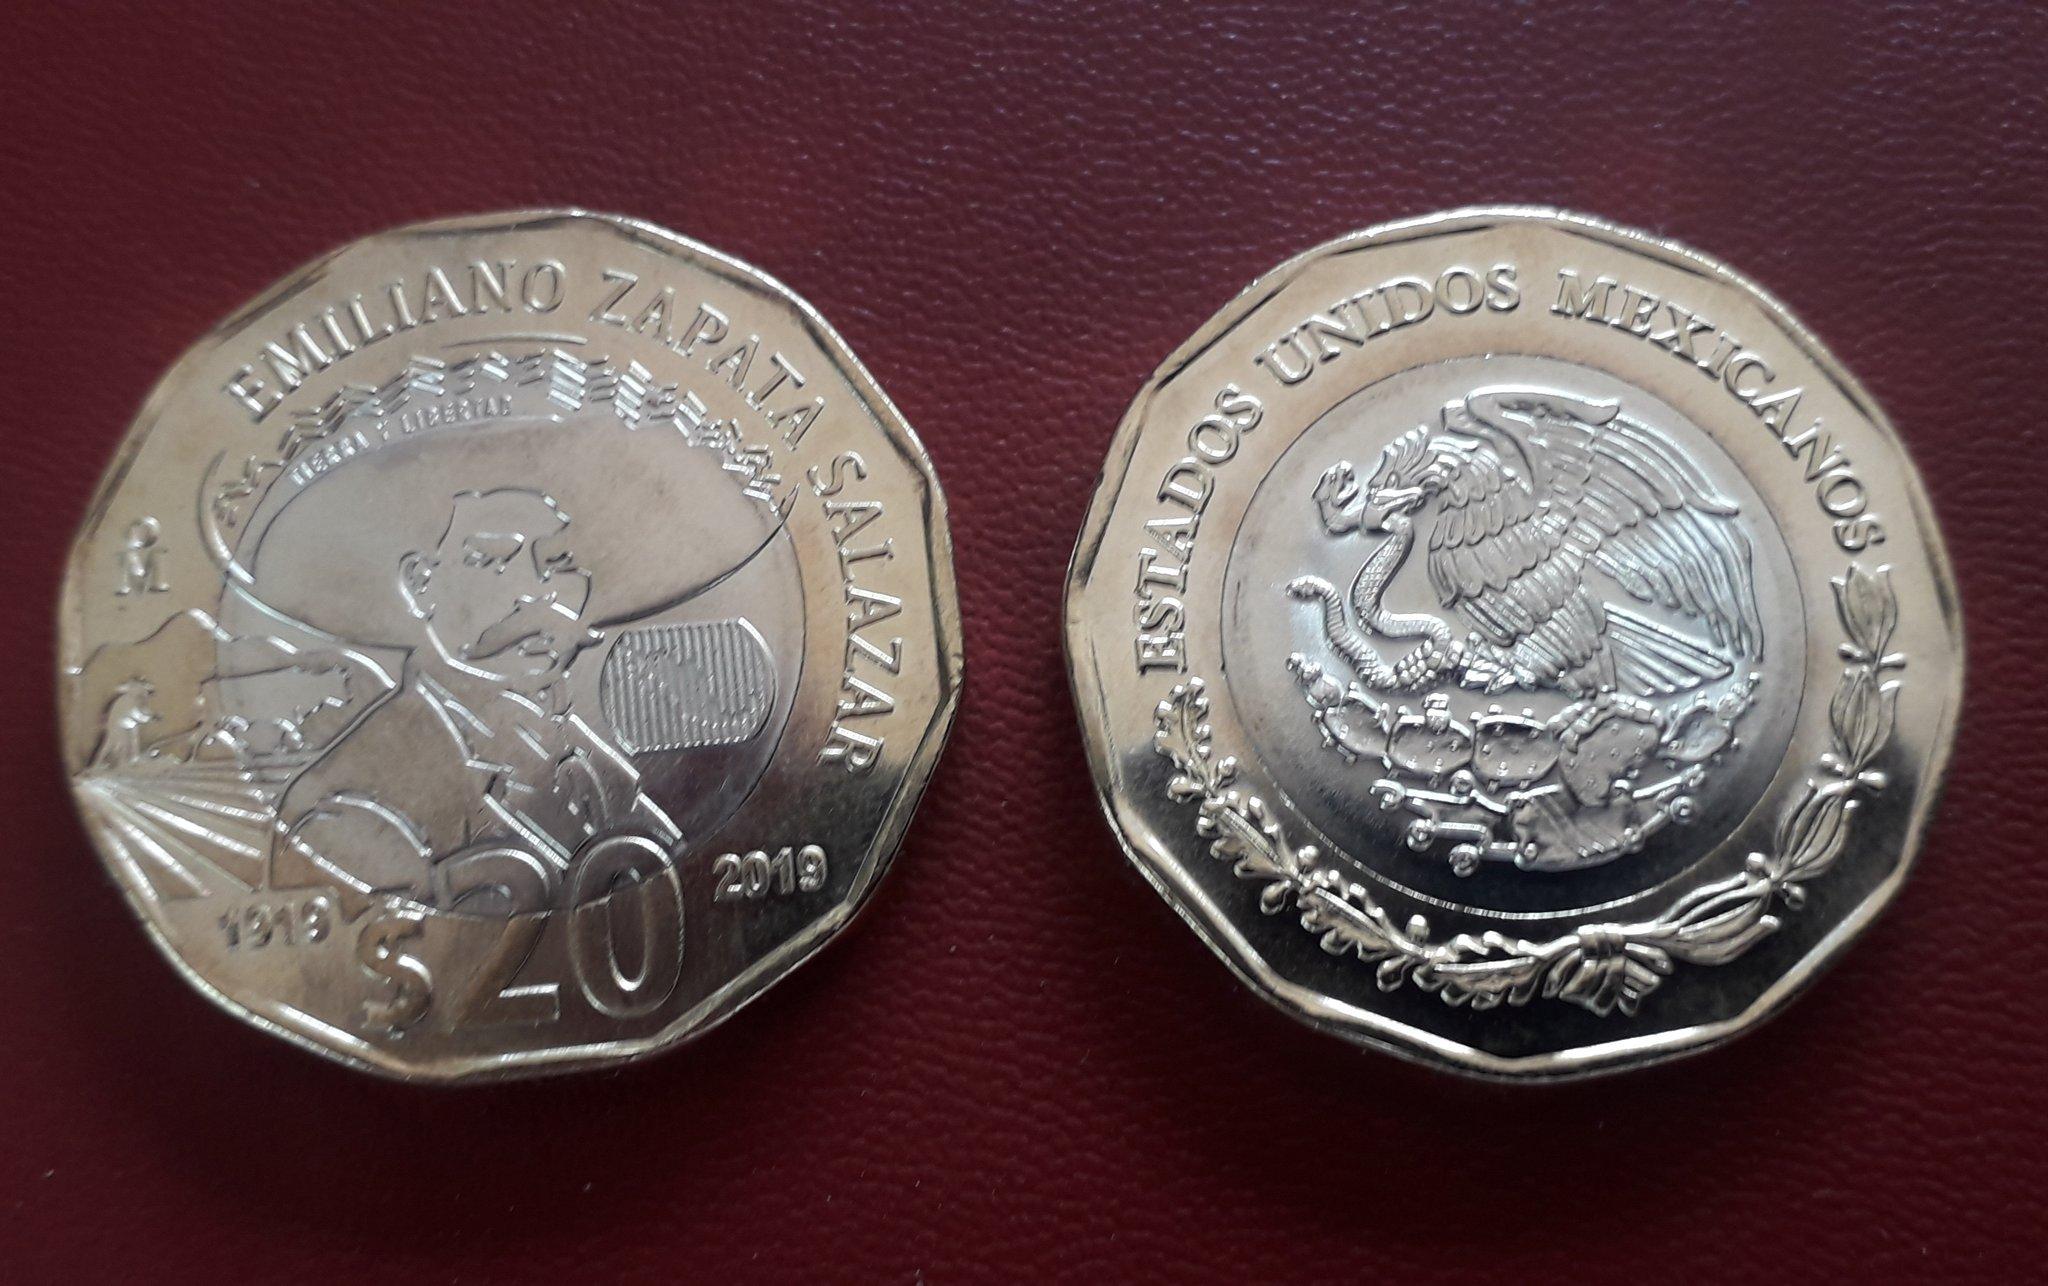 Lanzan moneda de $20 conmemorativa del Centenario de la muerte de Emiliano Zapata.